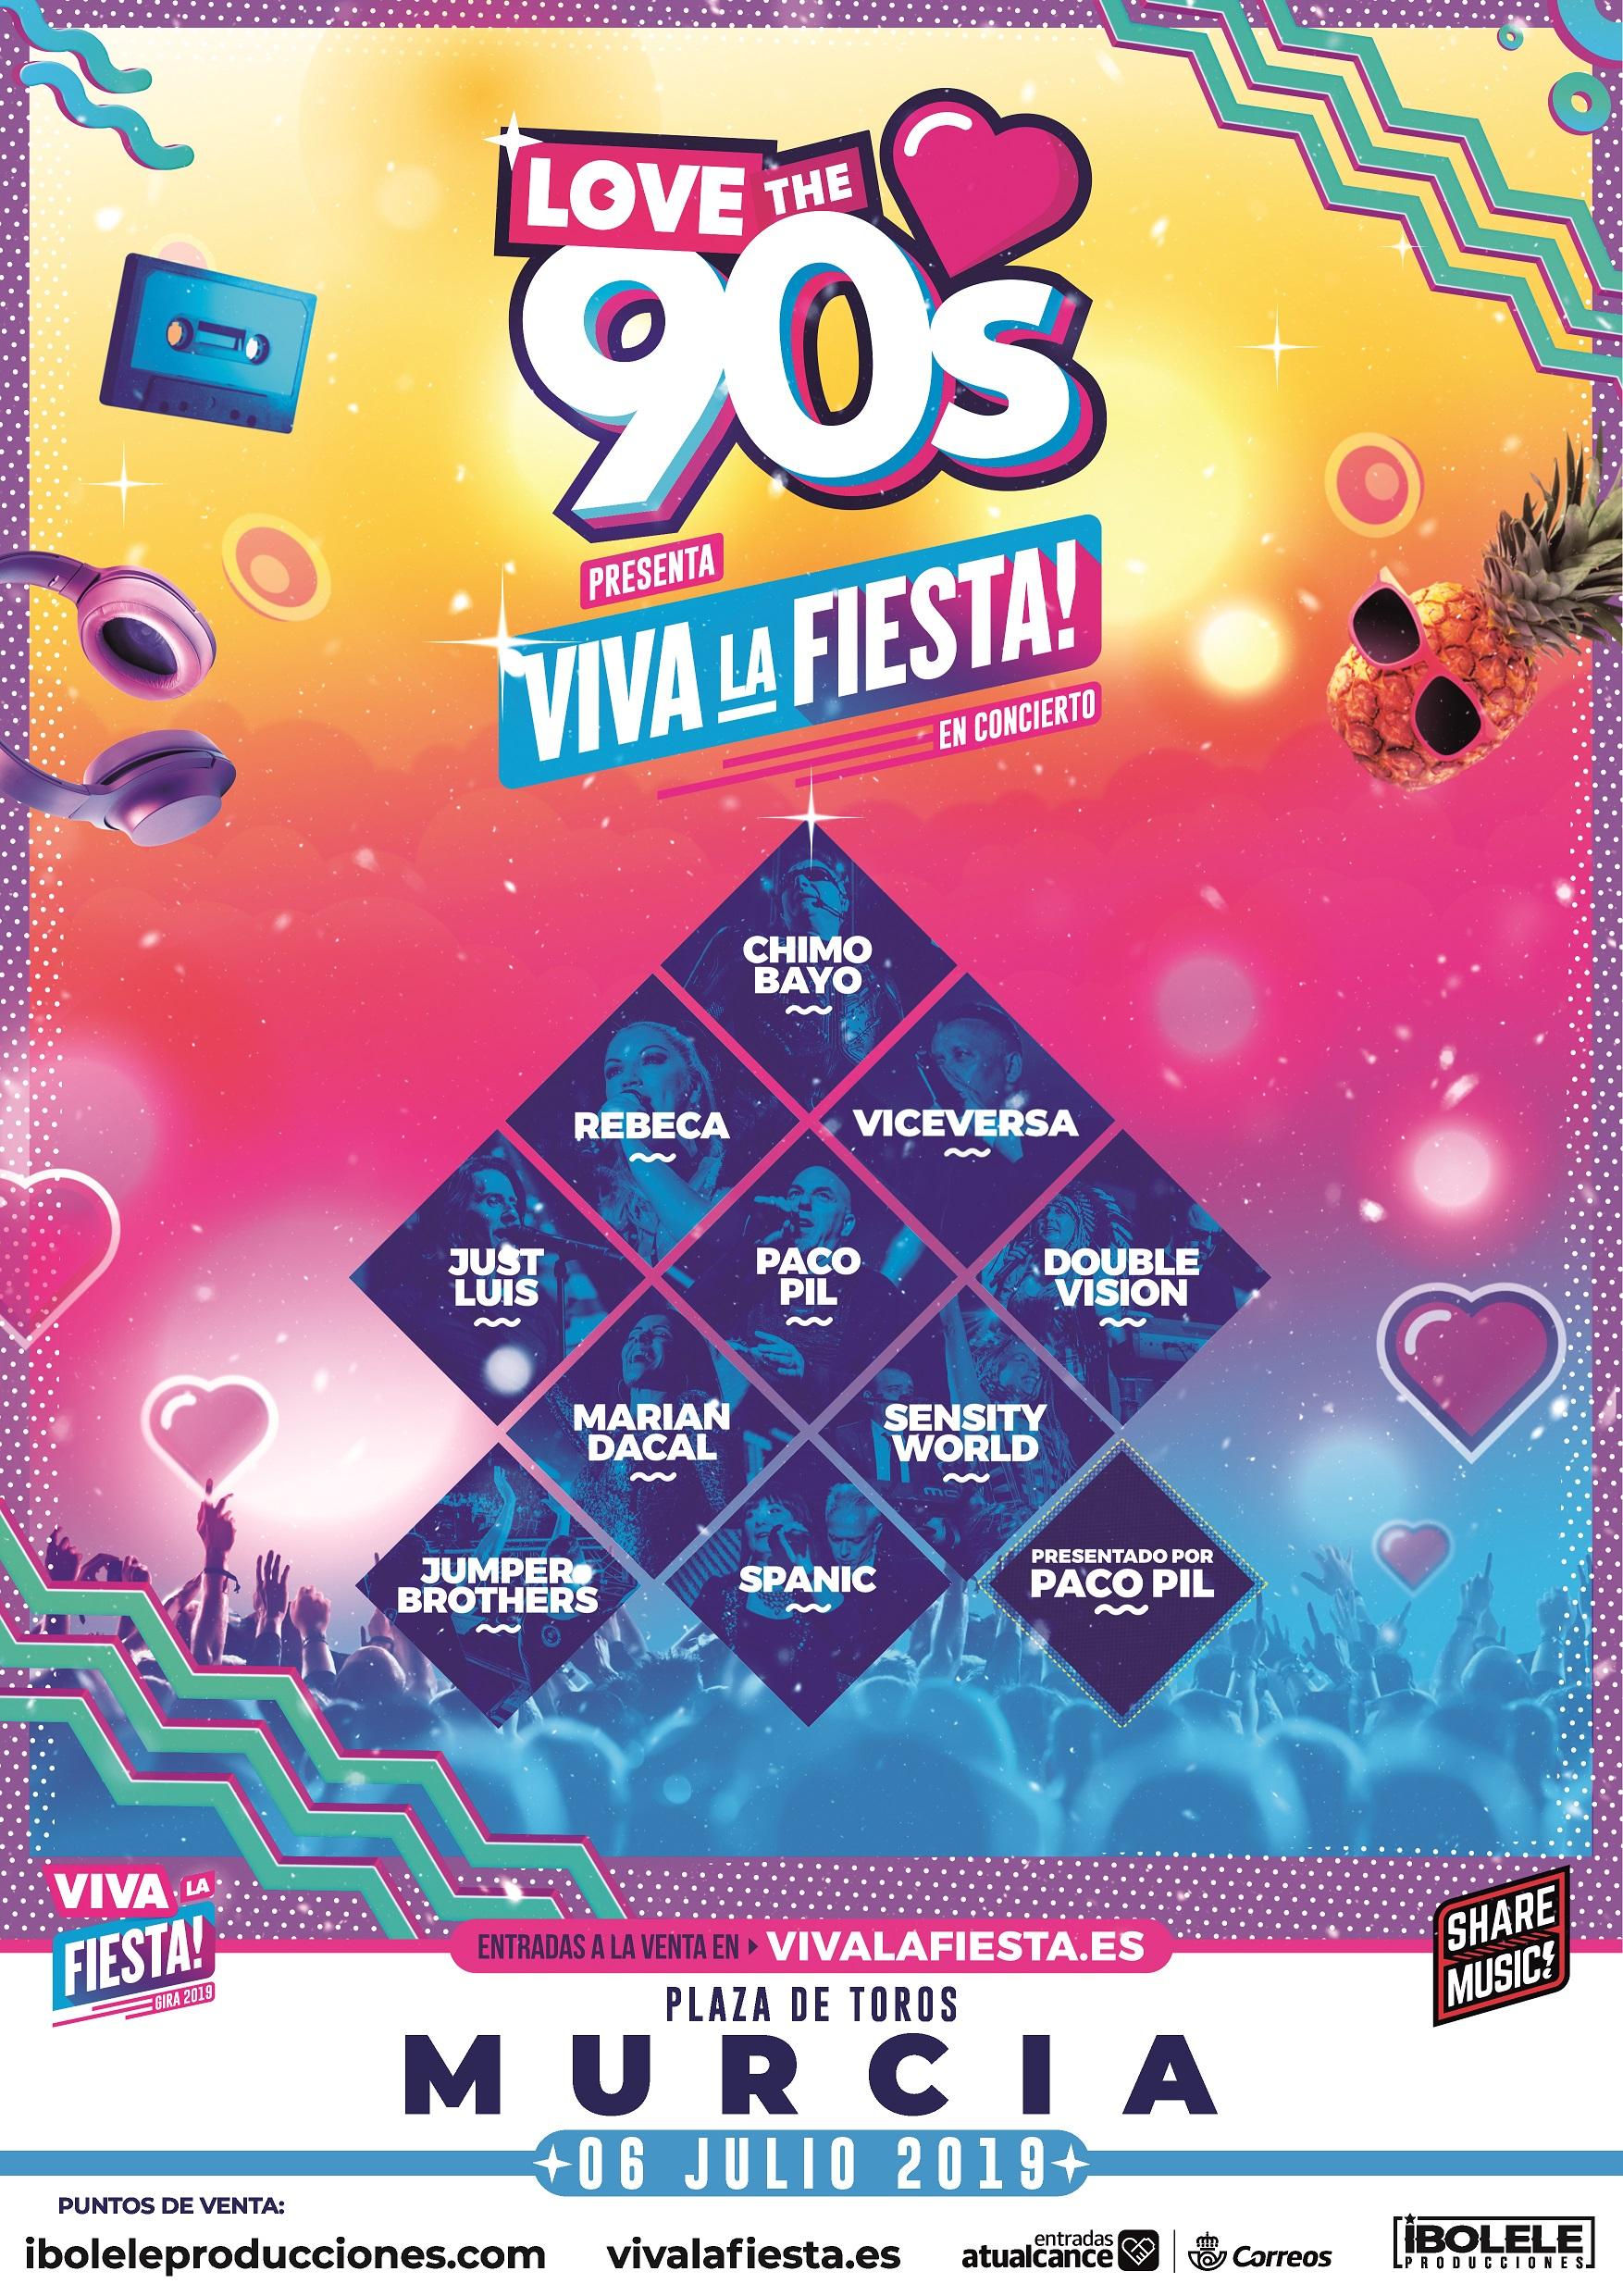 love-the-90-s-presenta-viva-la-fiesta-5c